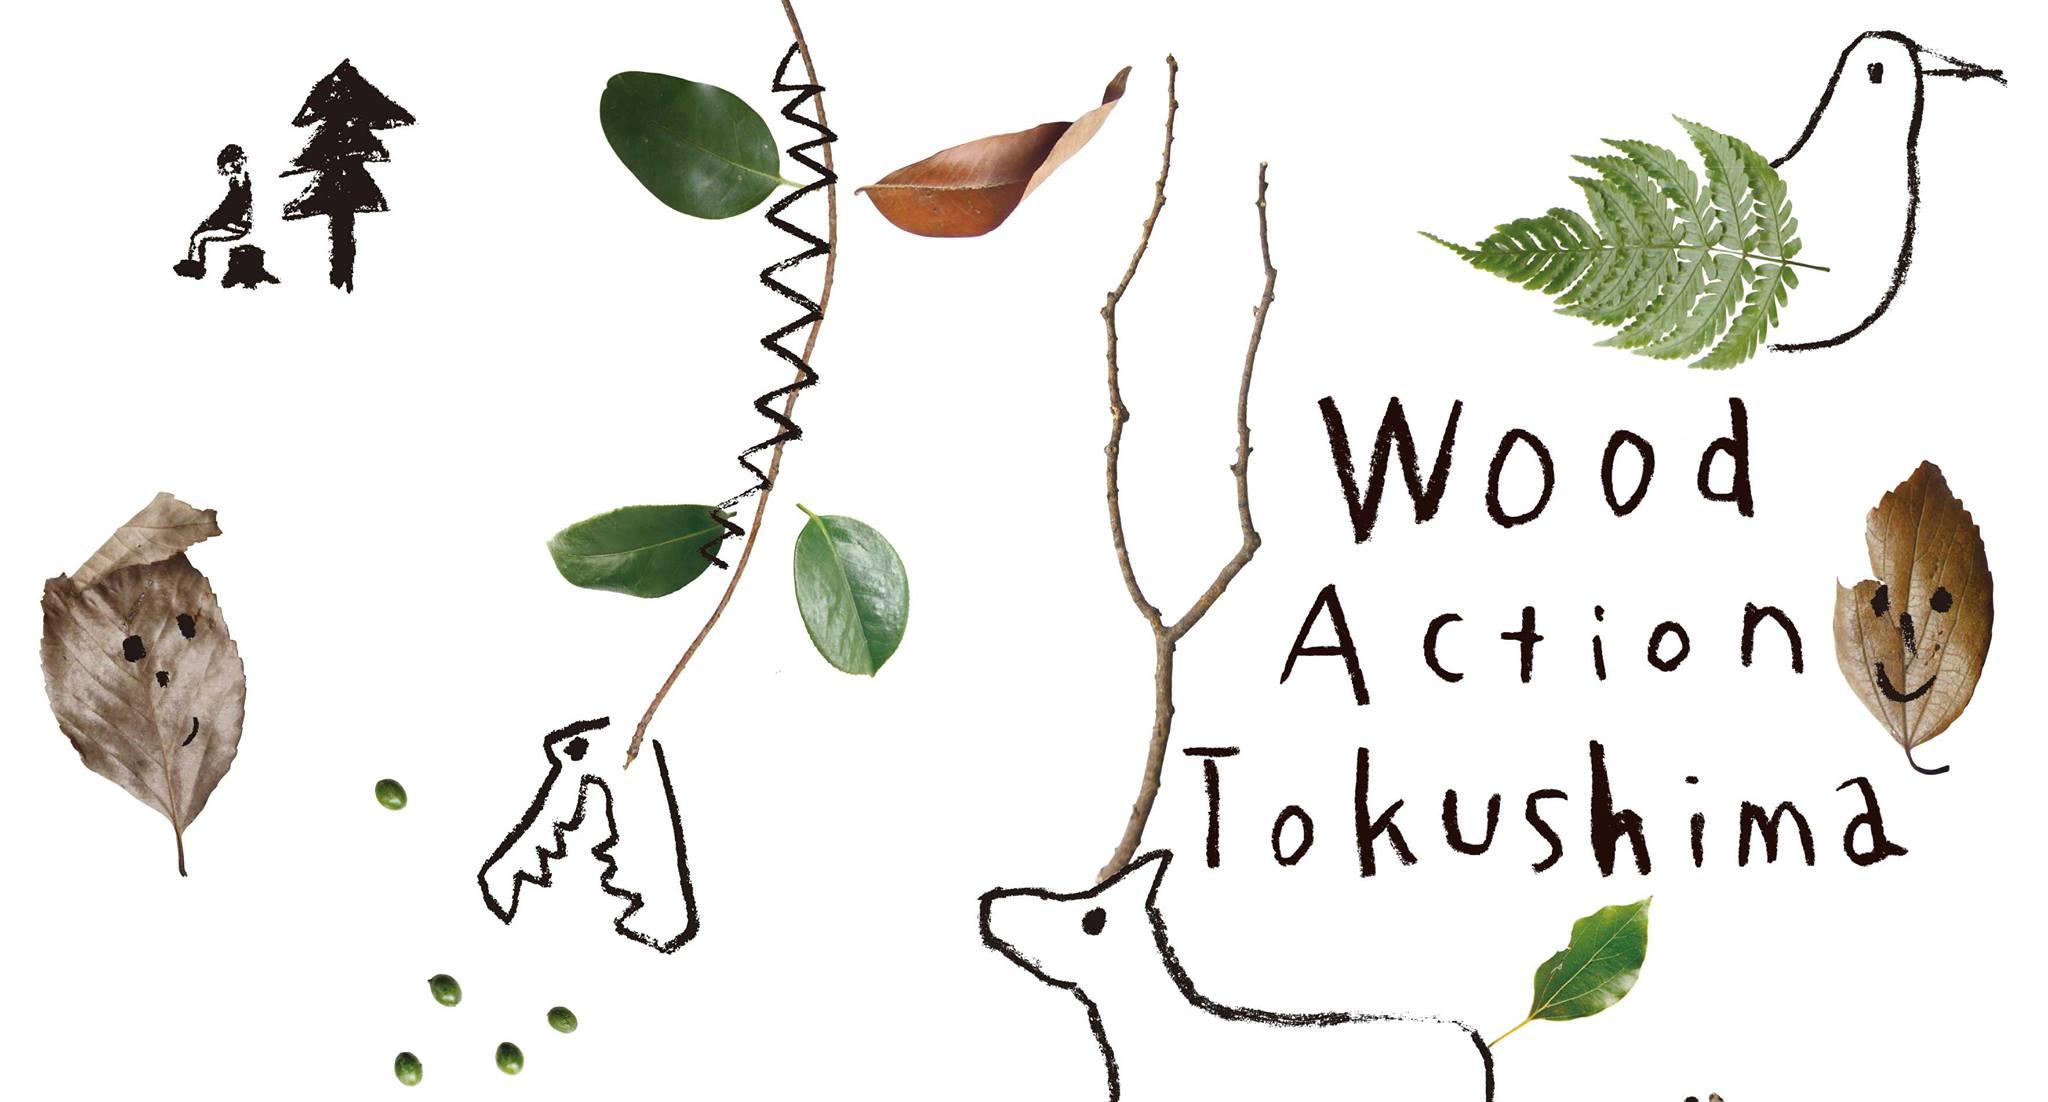 Wood Action Tokushima ホームページ開設!